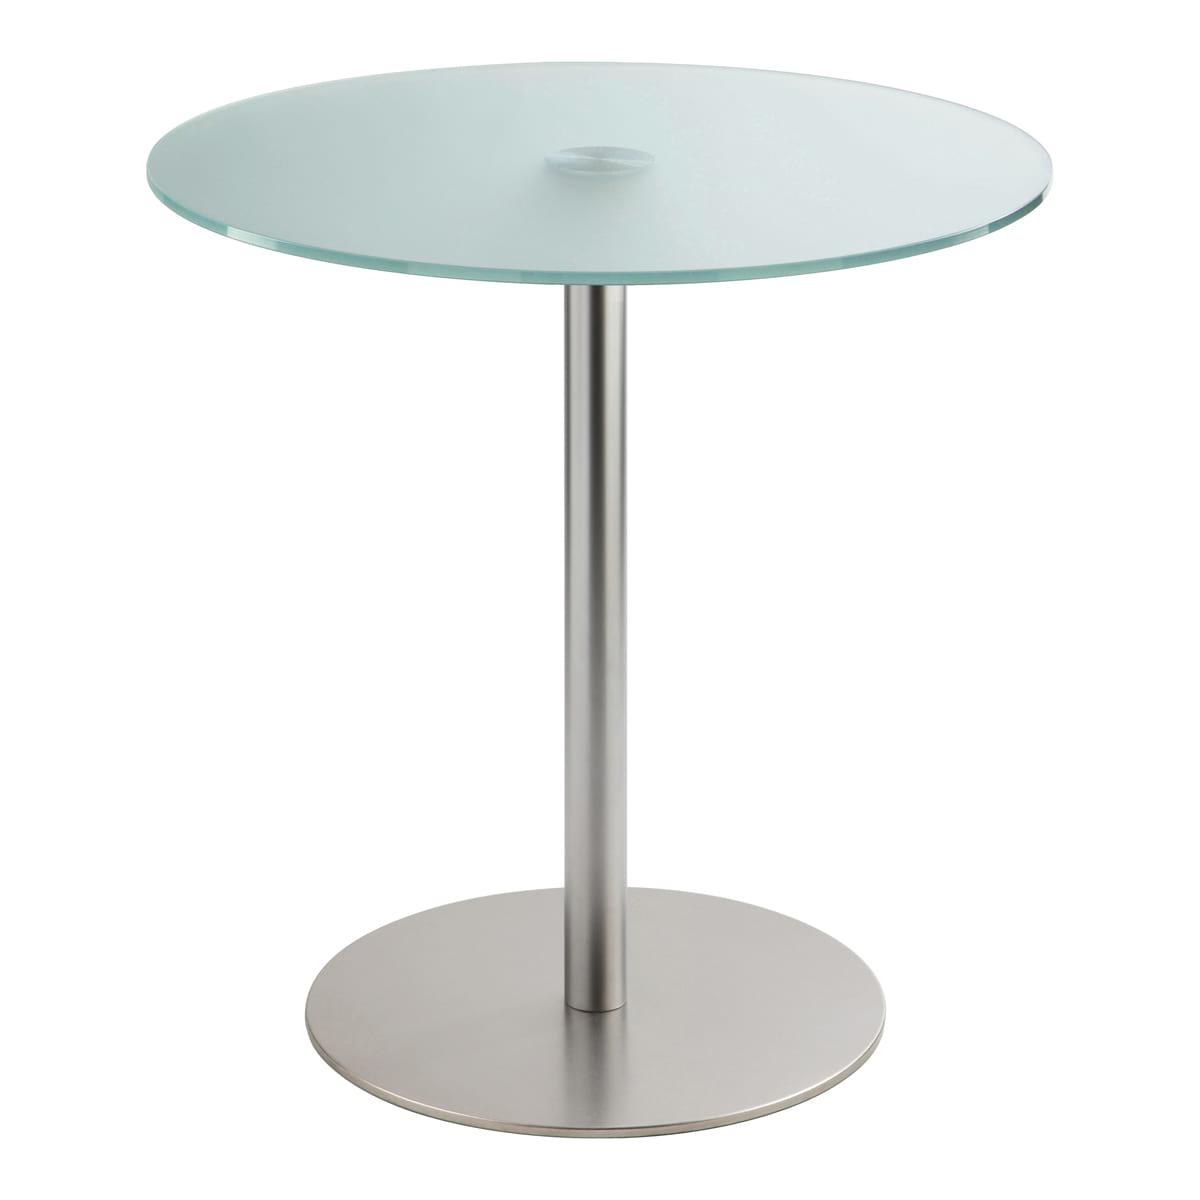 Sitztisch Brio, rund, Satinglas